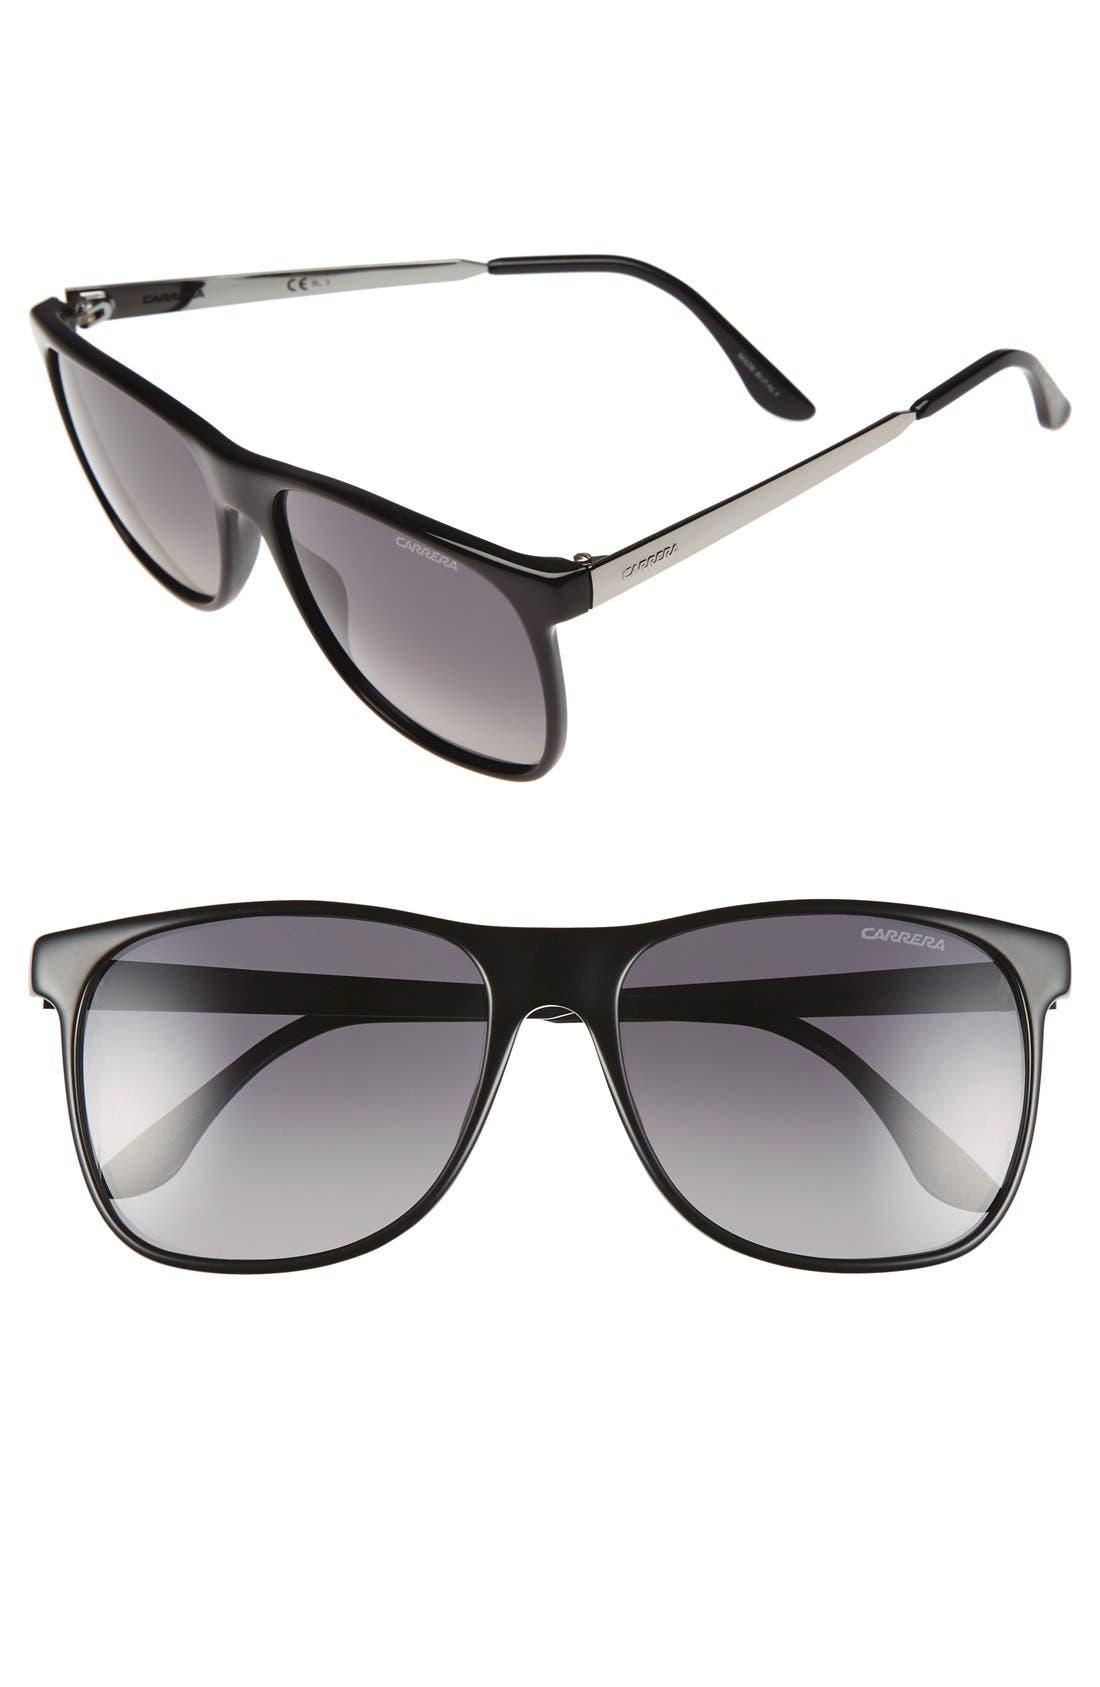 Alternate Image 1 Selected - Carrera Eyewear 57mm Polarized Sunglasses